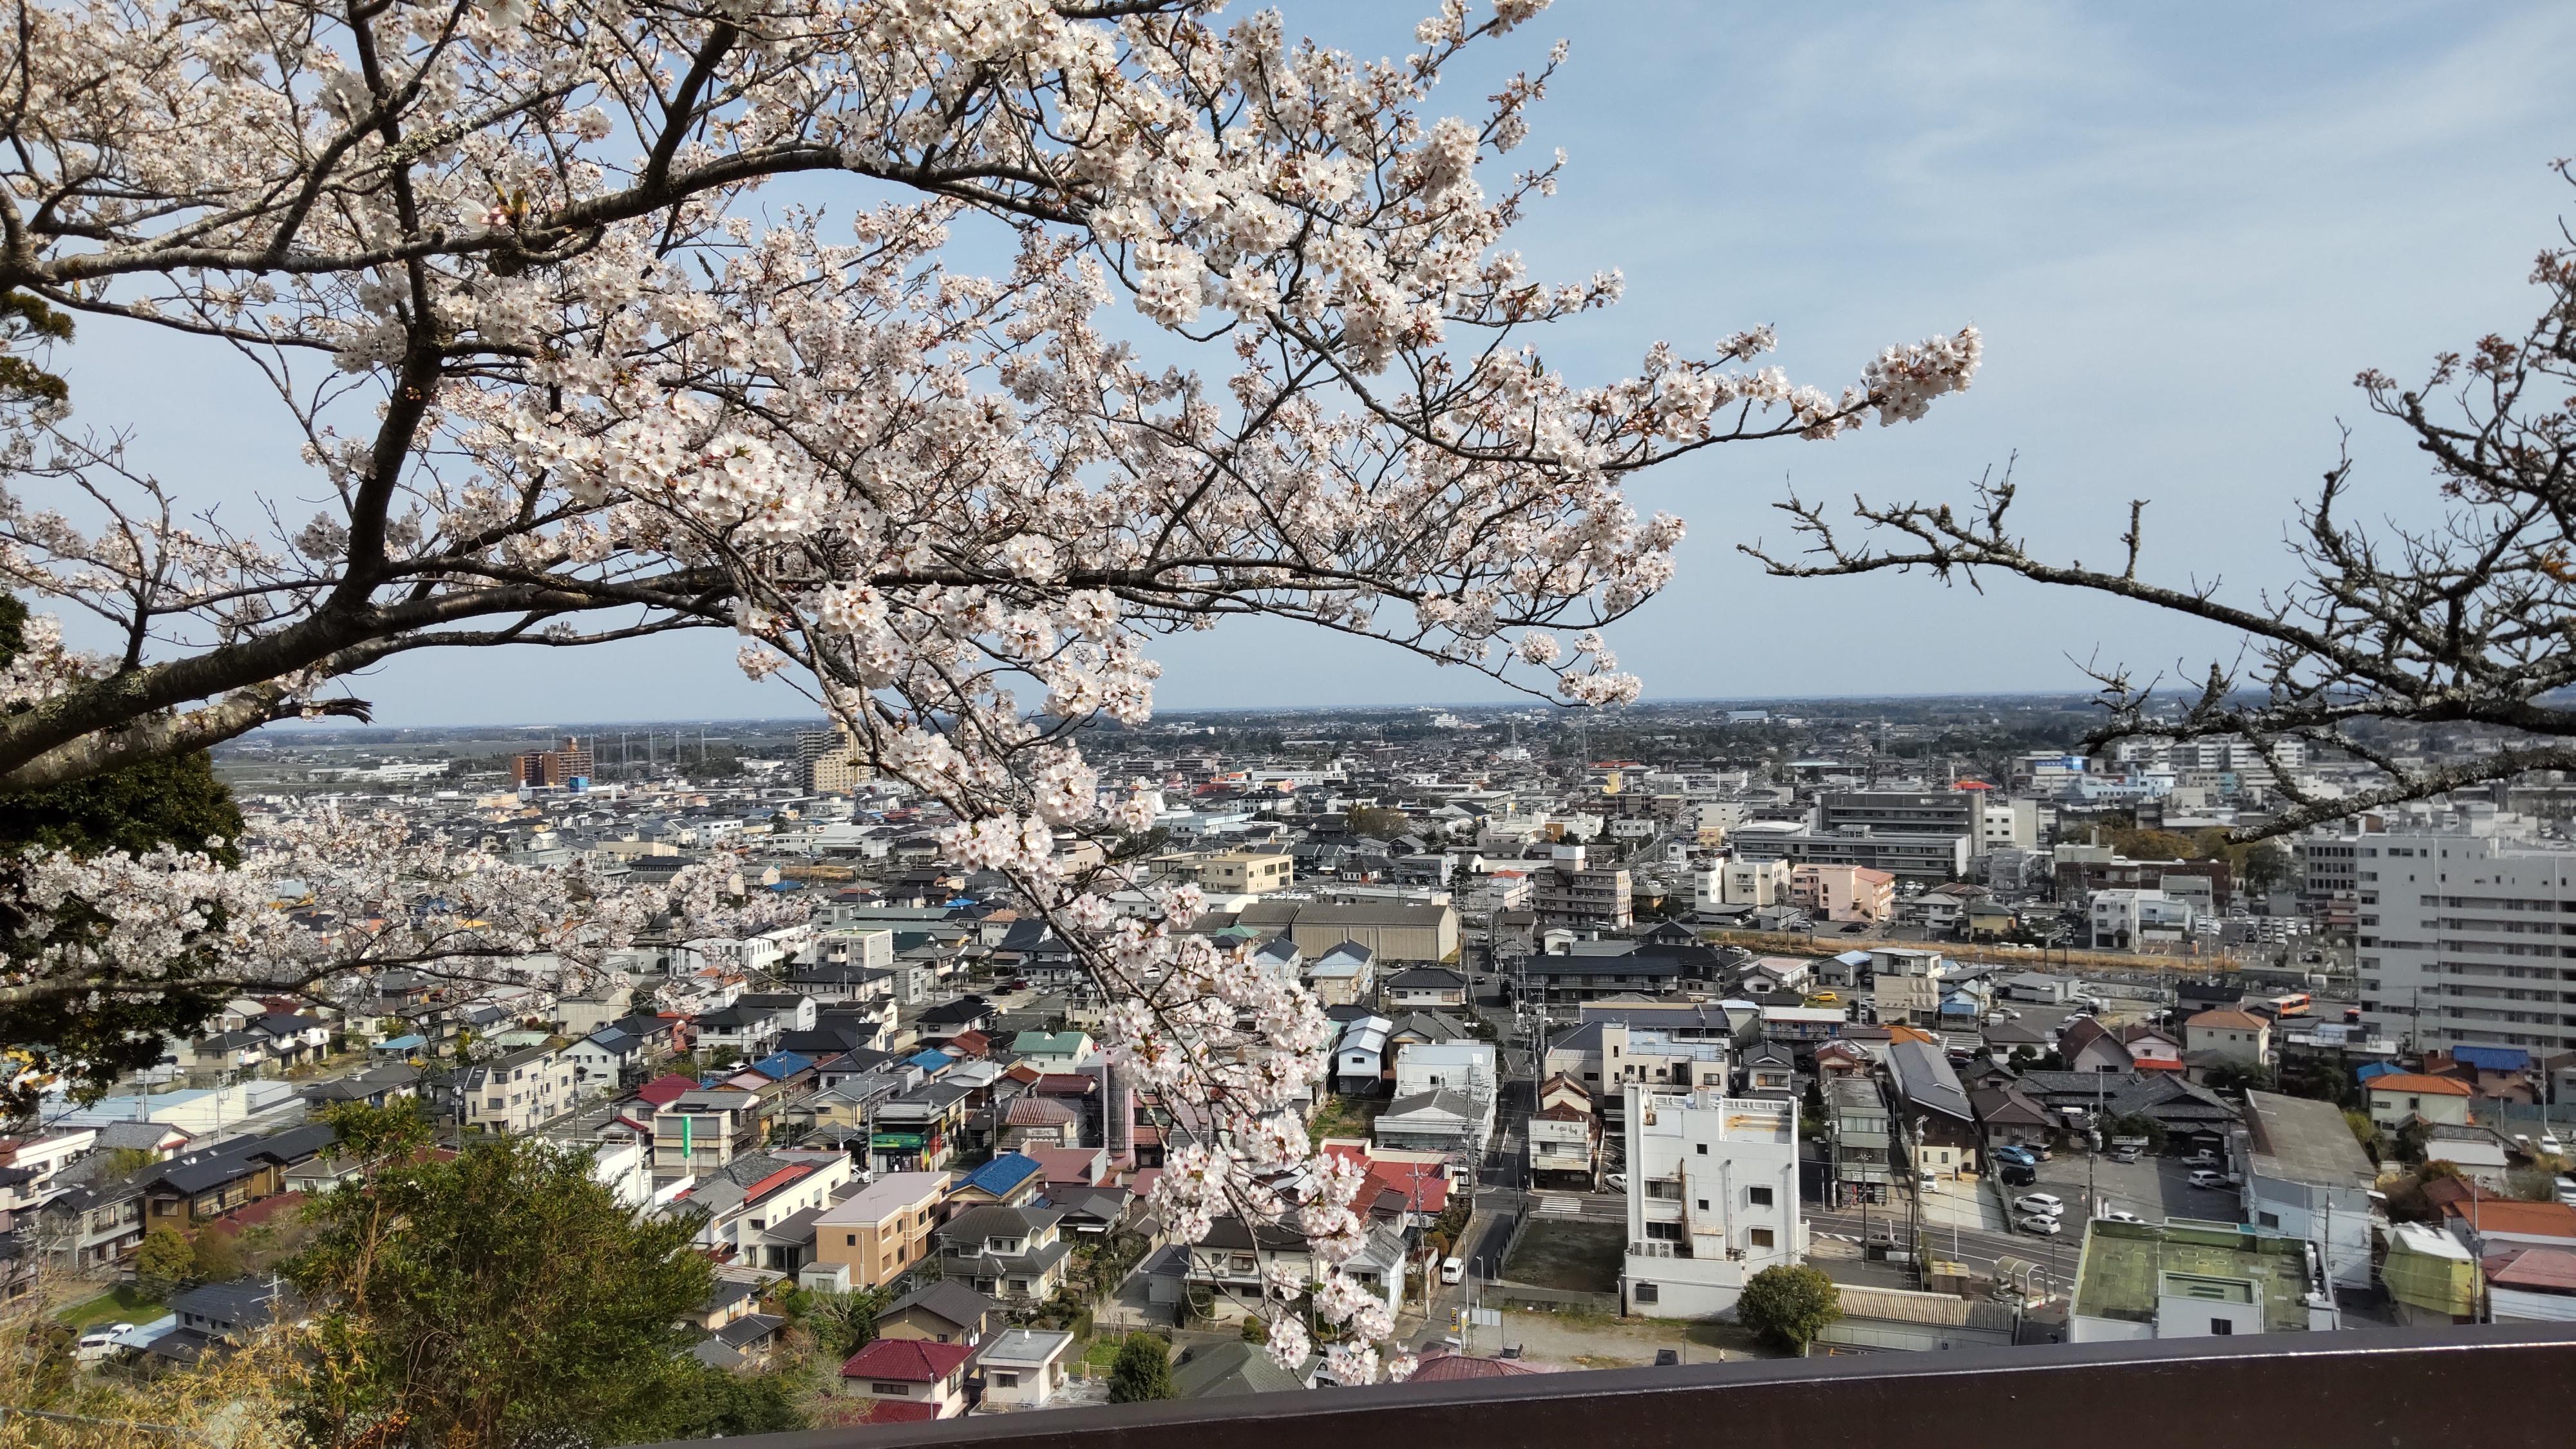 東金市山王台公園は桜の名所です。